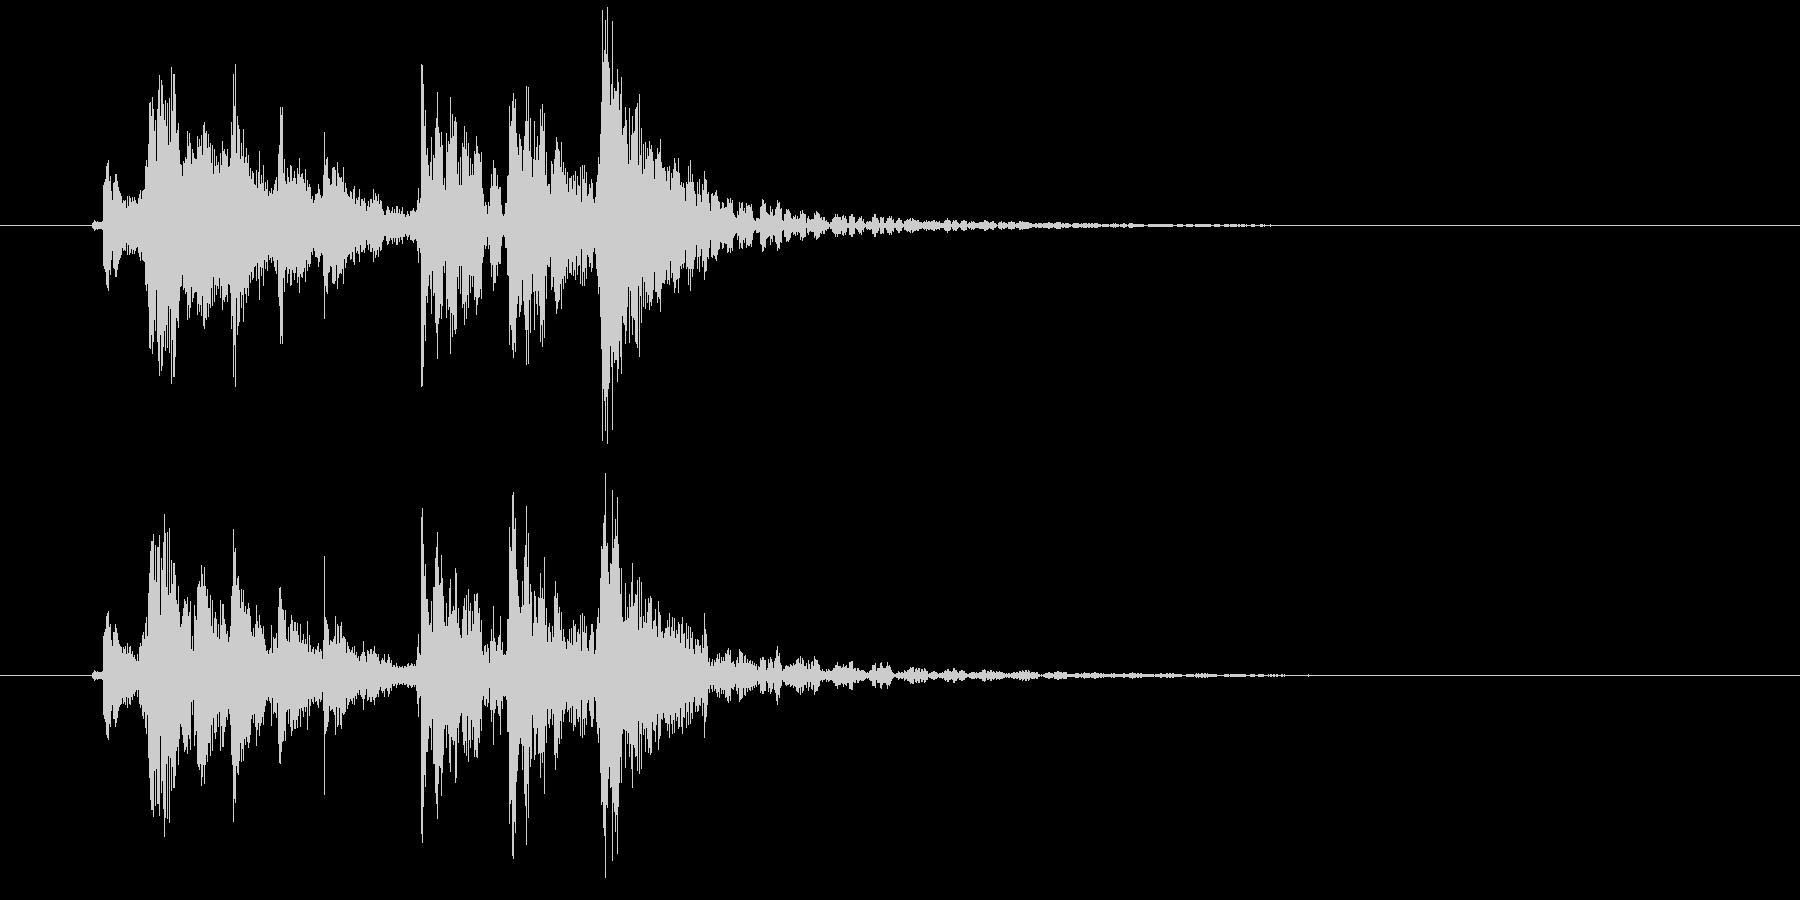 三味線と和太鼓による和風ジングル・おわりの未再生の波形